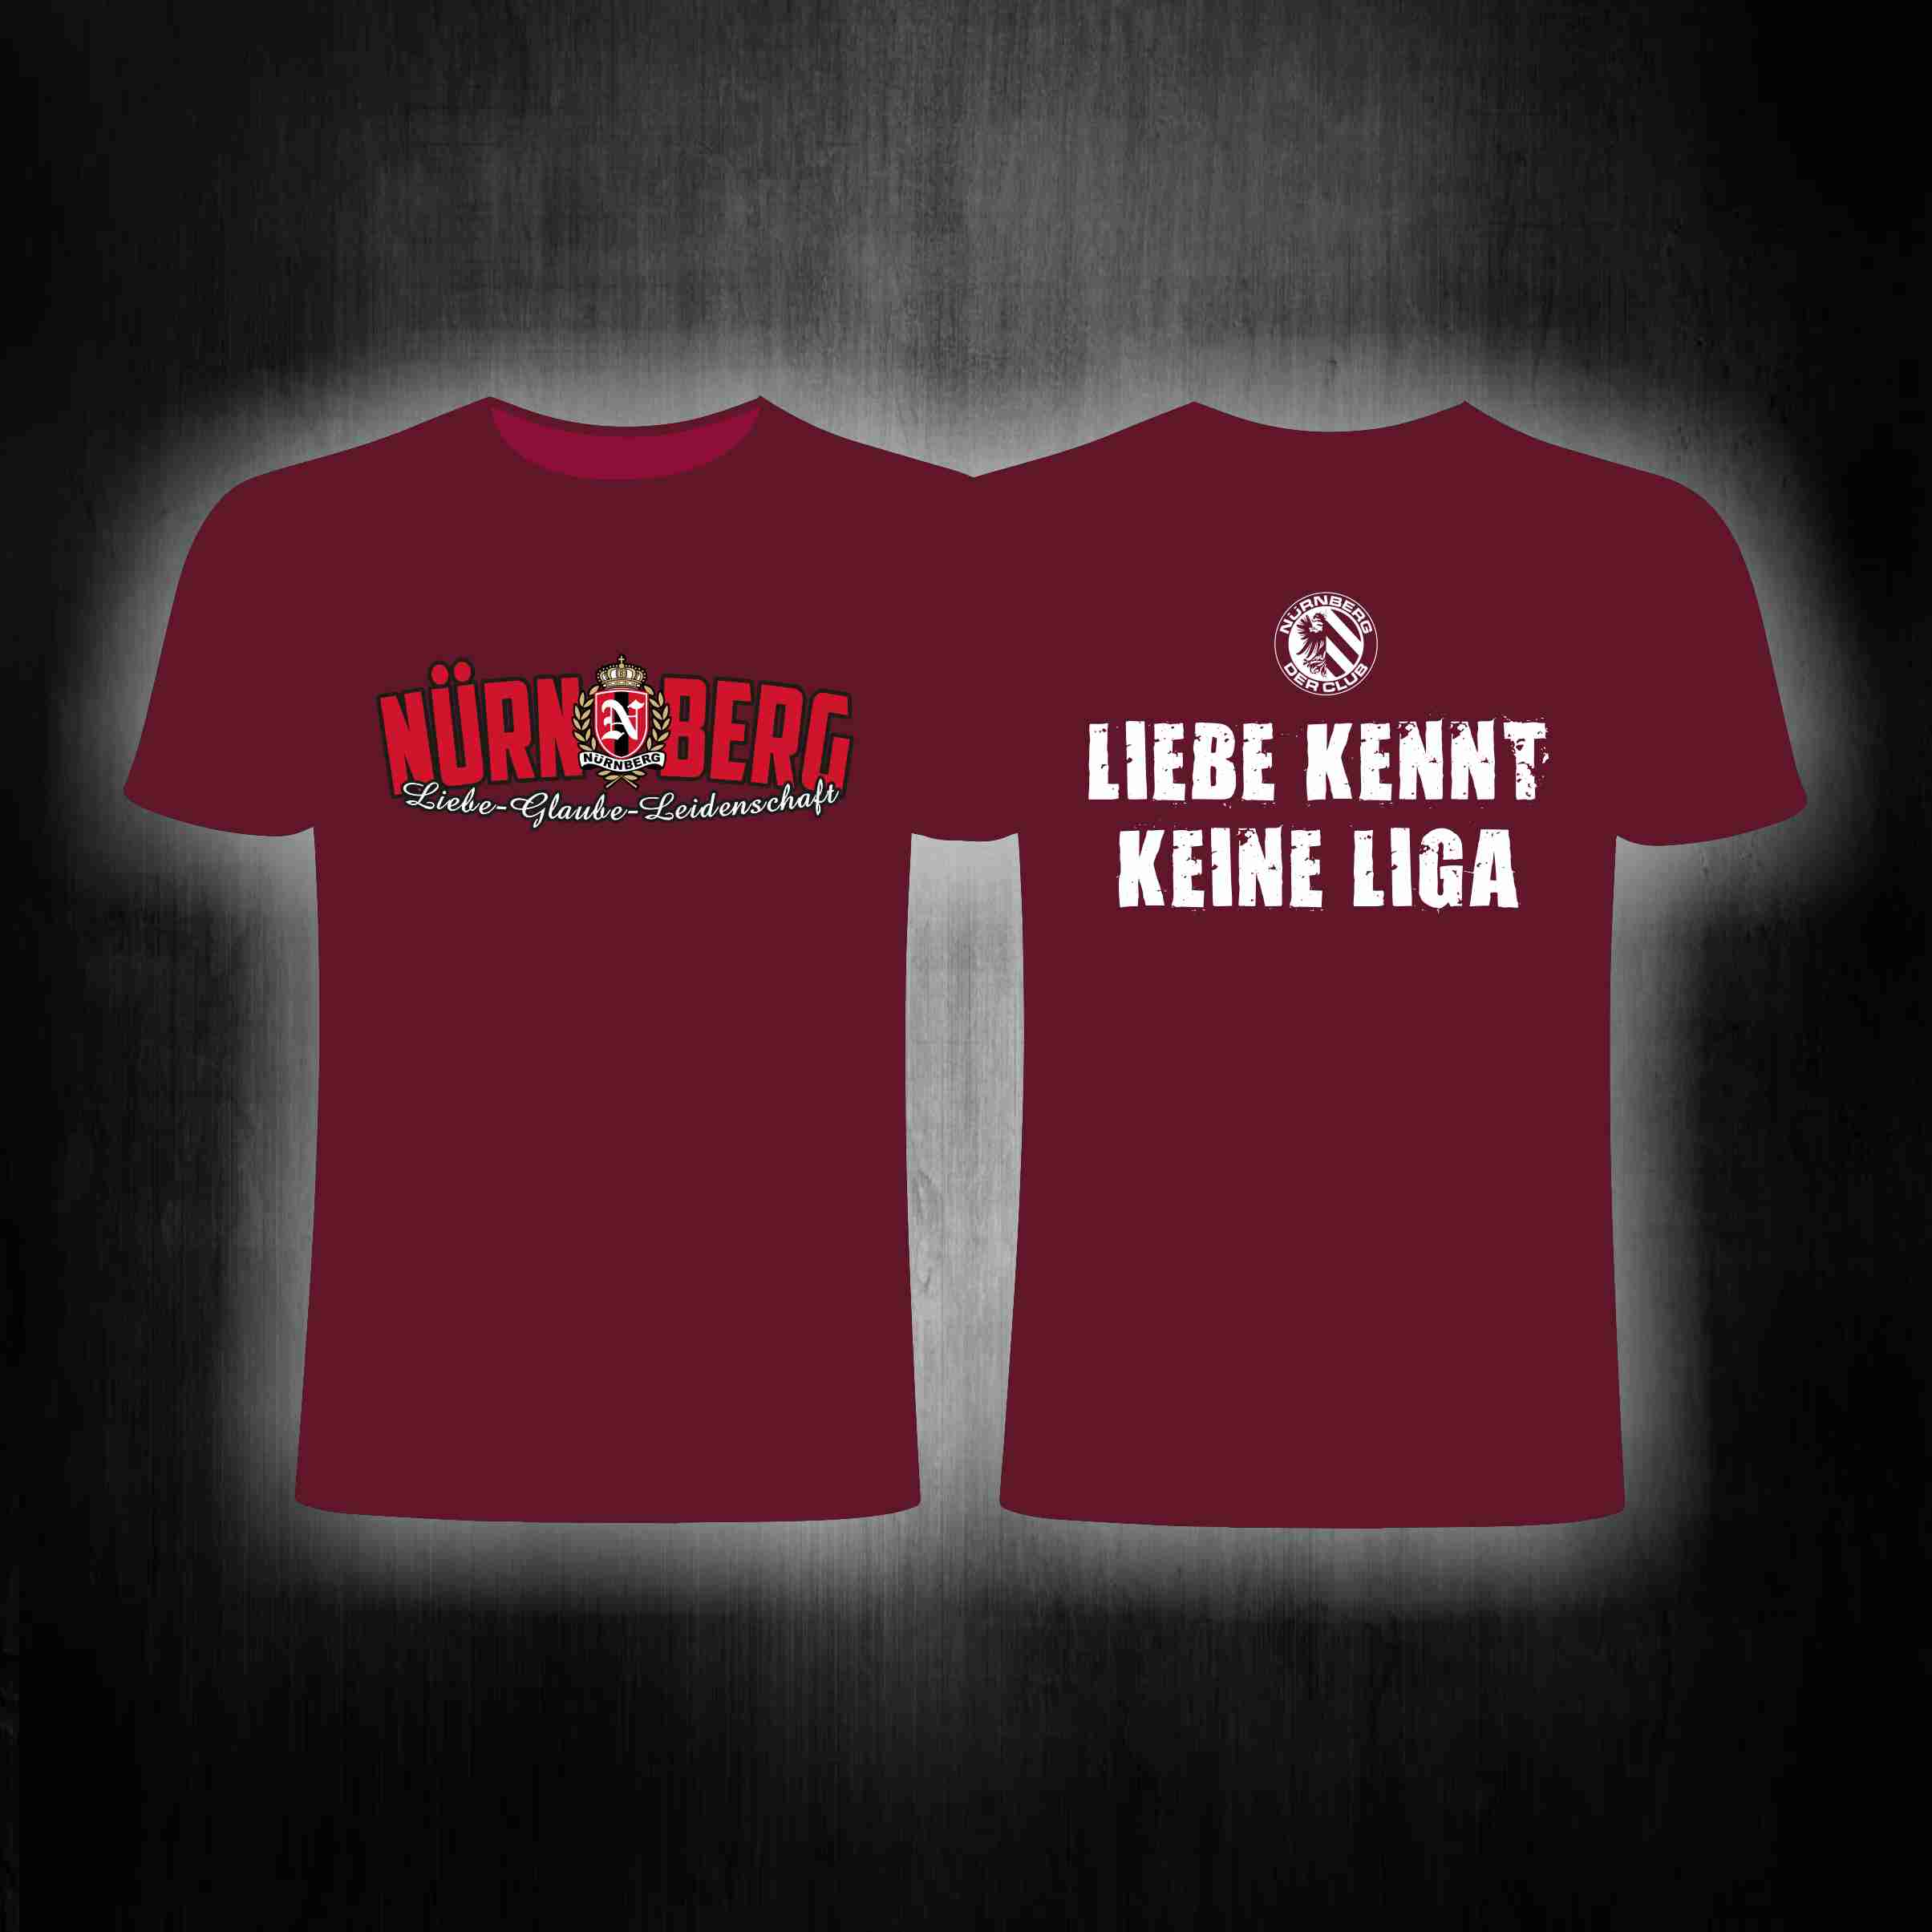 T-Shirt beidseitig bedruckt - Liebe kennt keine Liga   weinrot